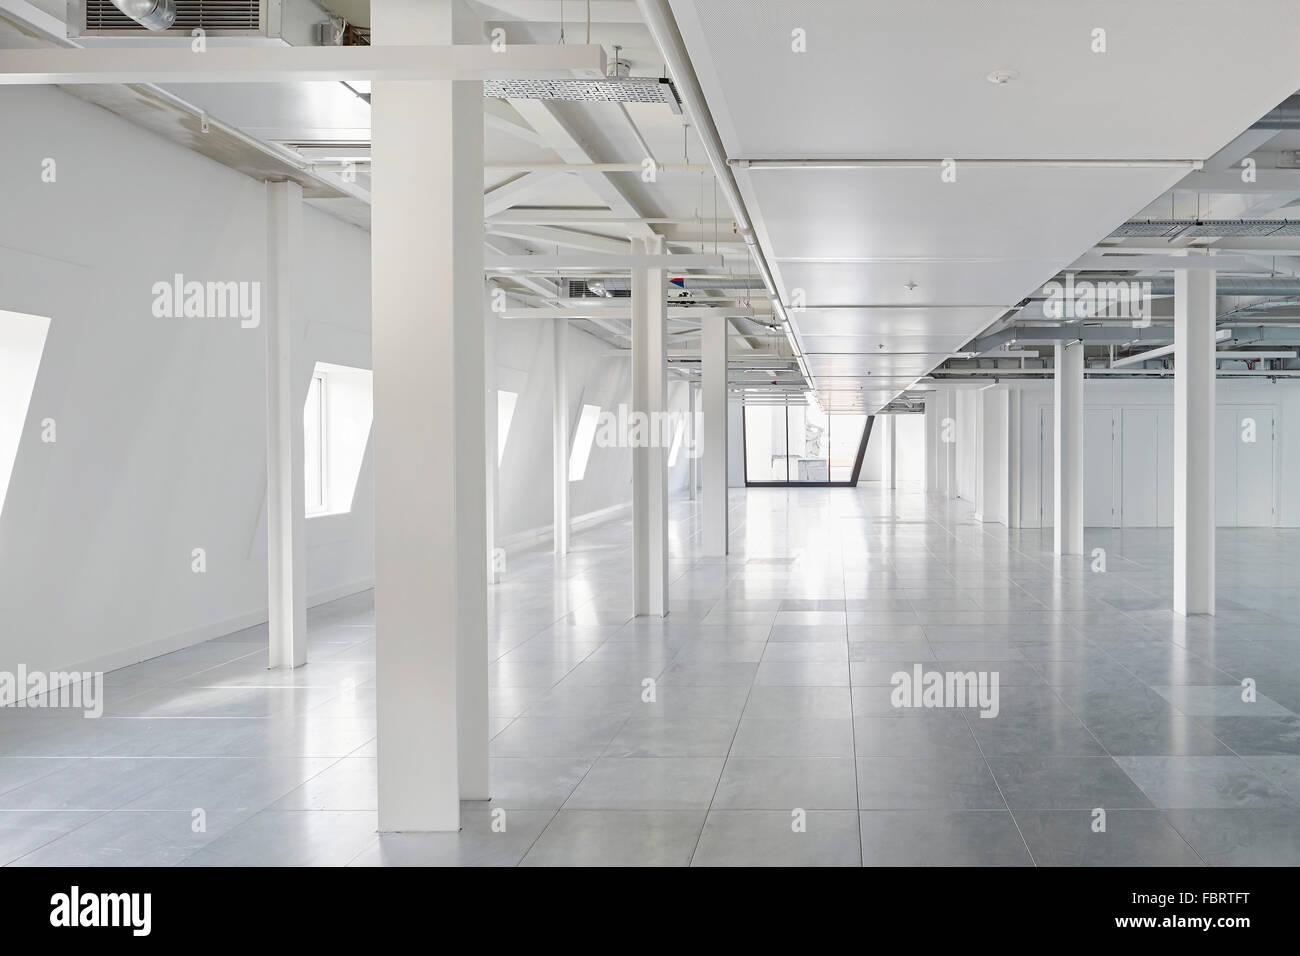 Bureau meublé en marbre blanc l alphabeta building londres